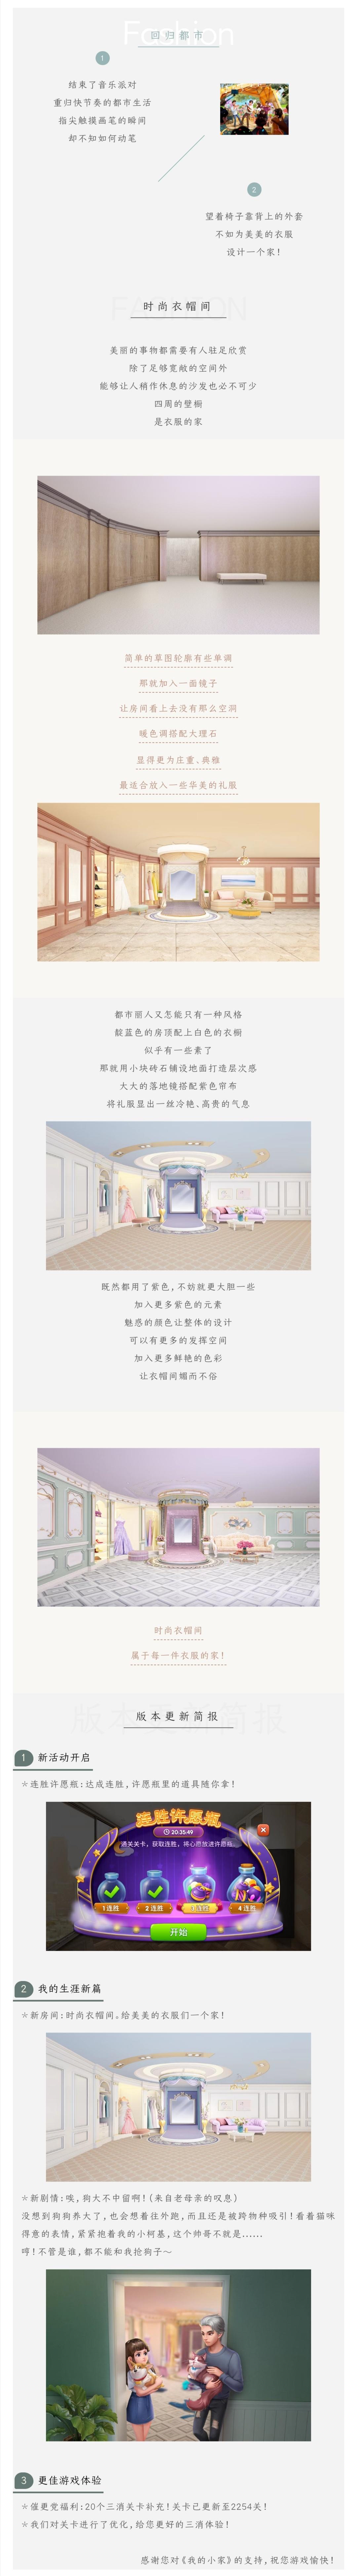 【预告】时尚衣帽间,美美衣服们的小家!